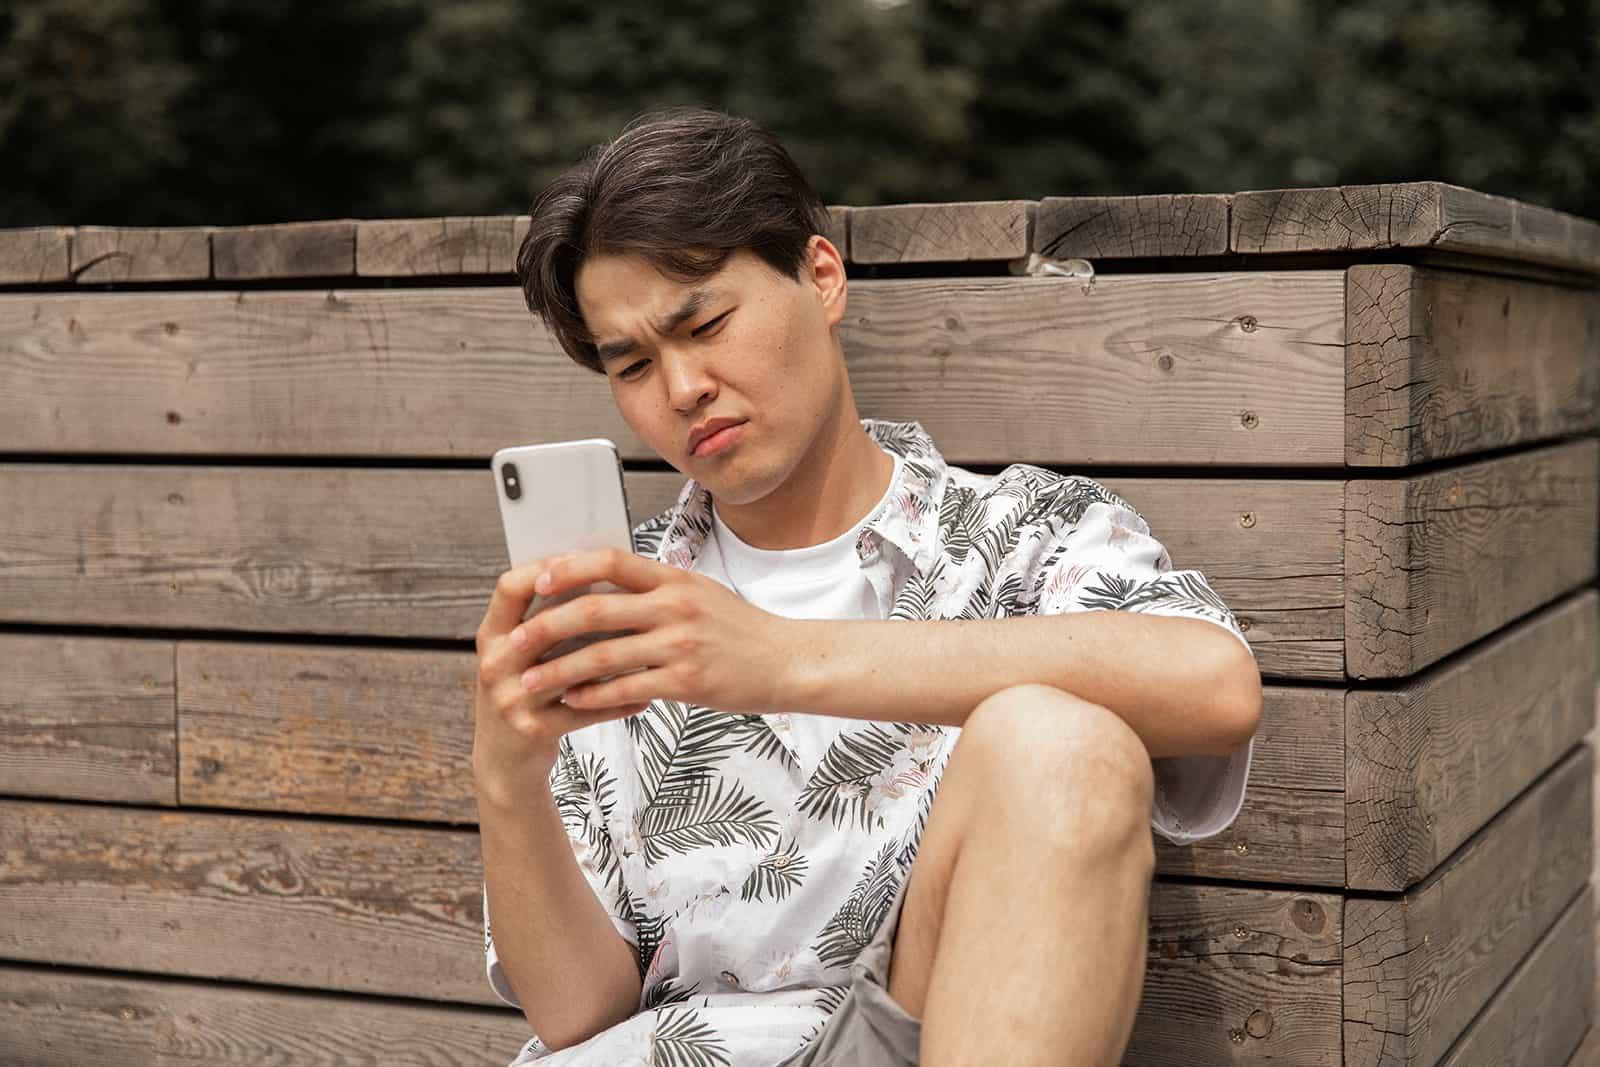 Ein missfallener Mann, der auf sein Smartphone schaut und sich an die Holzwand lehnt